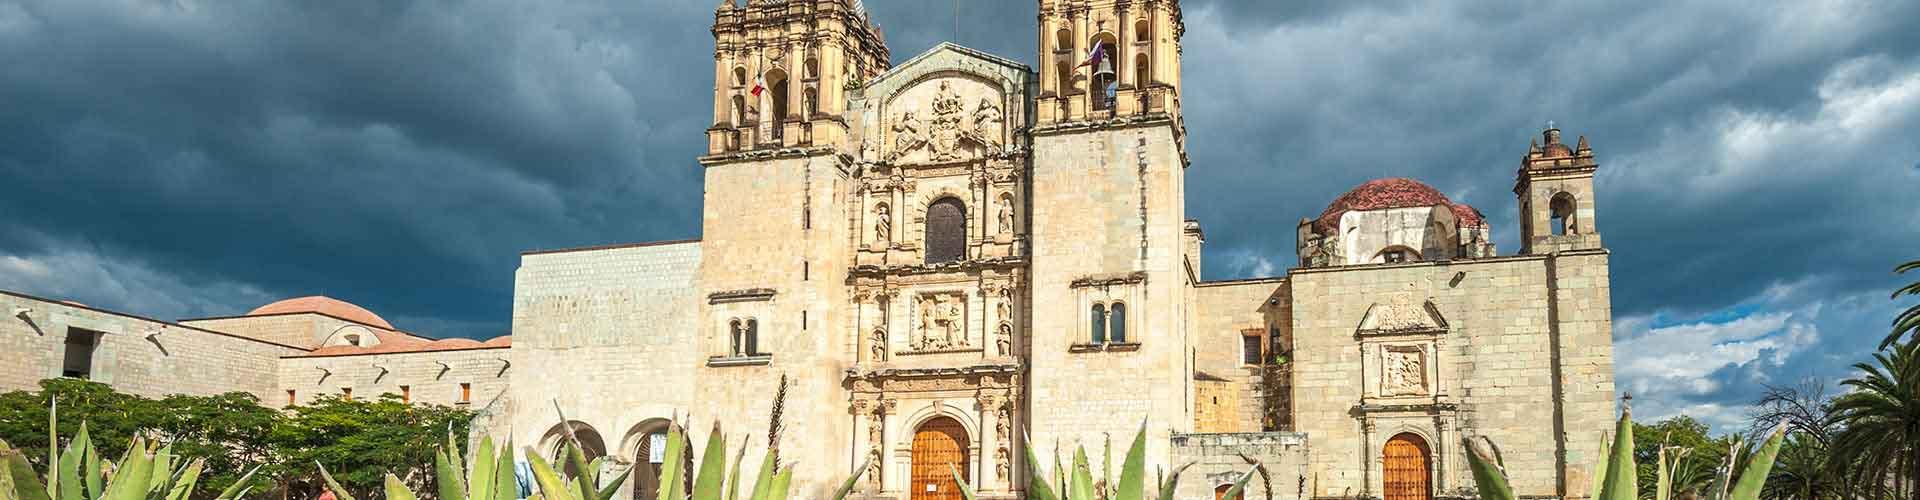 Oaxaca - Hoteles baratos en Oaxaca. Mapas de Oaxaca, Fotos y comentarios de cada Hotel en Oaxaca.